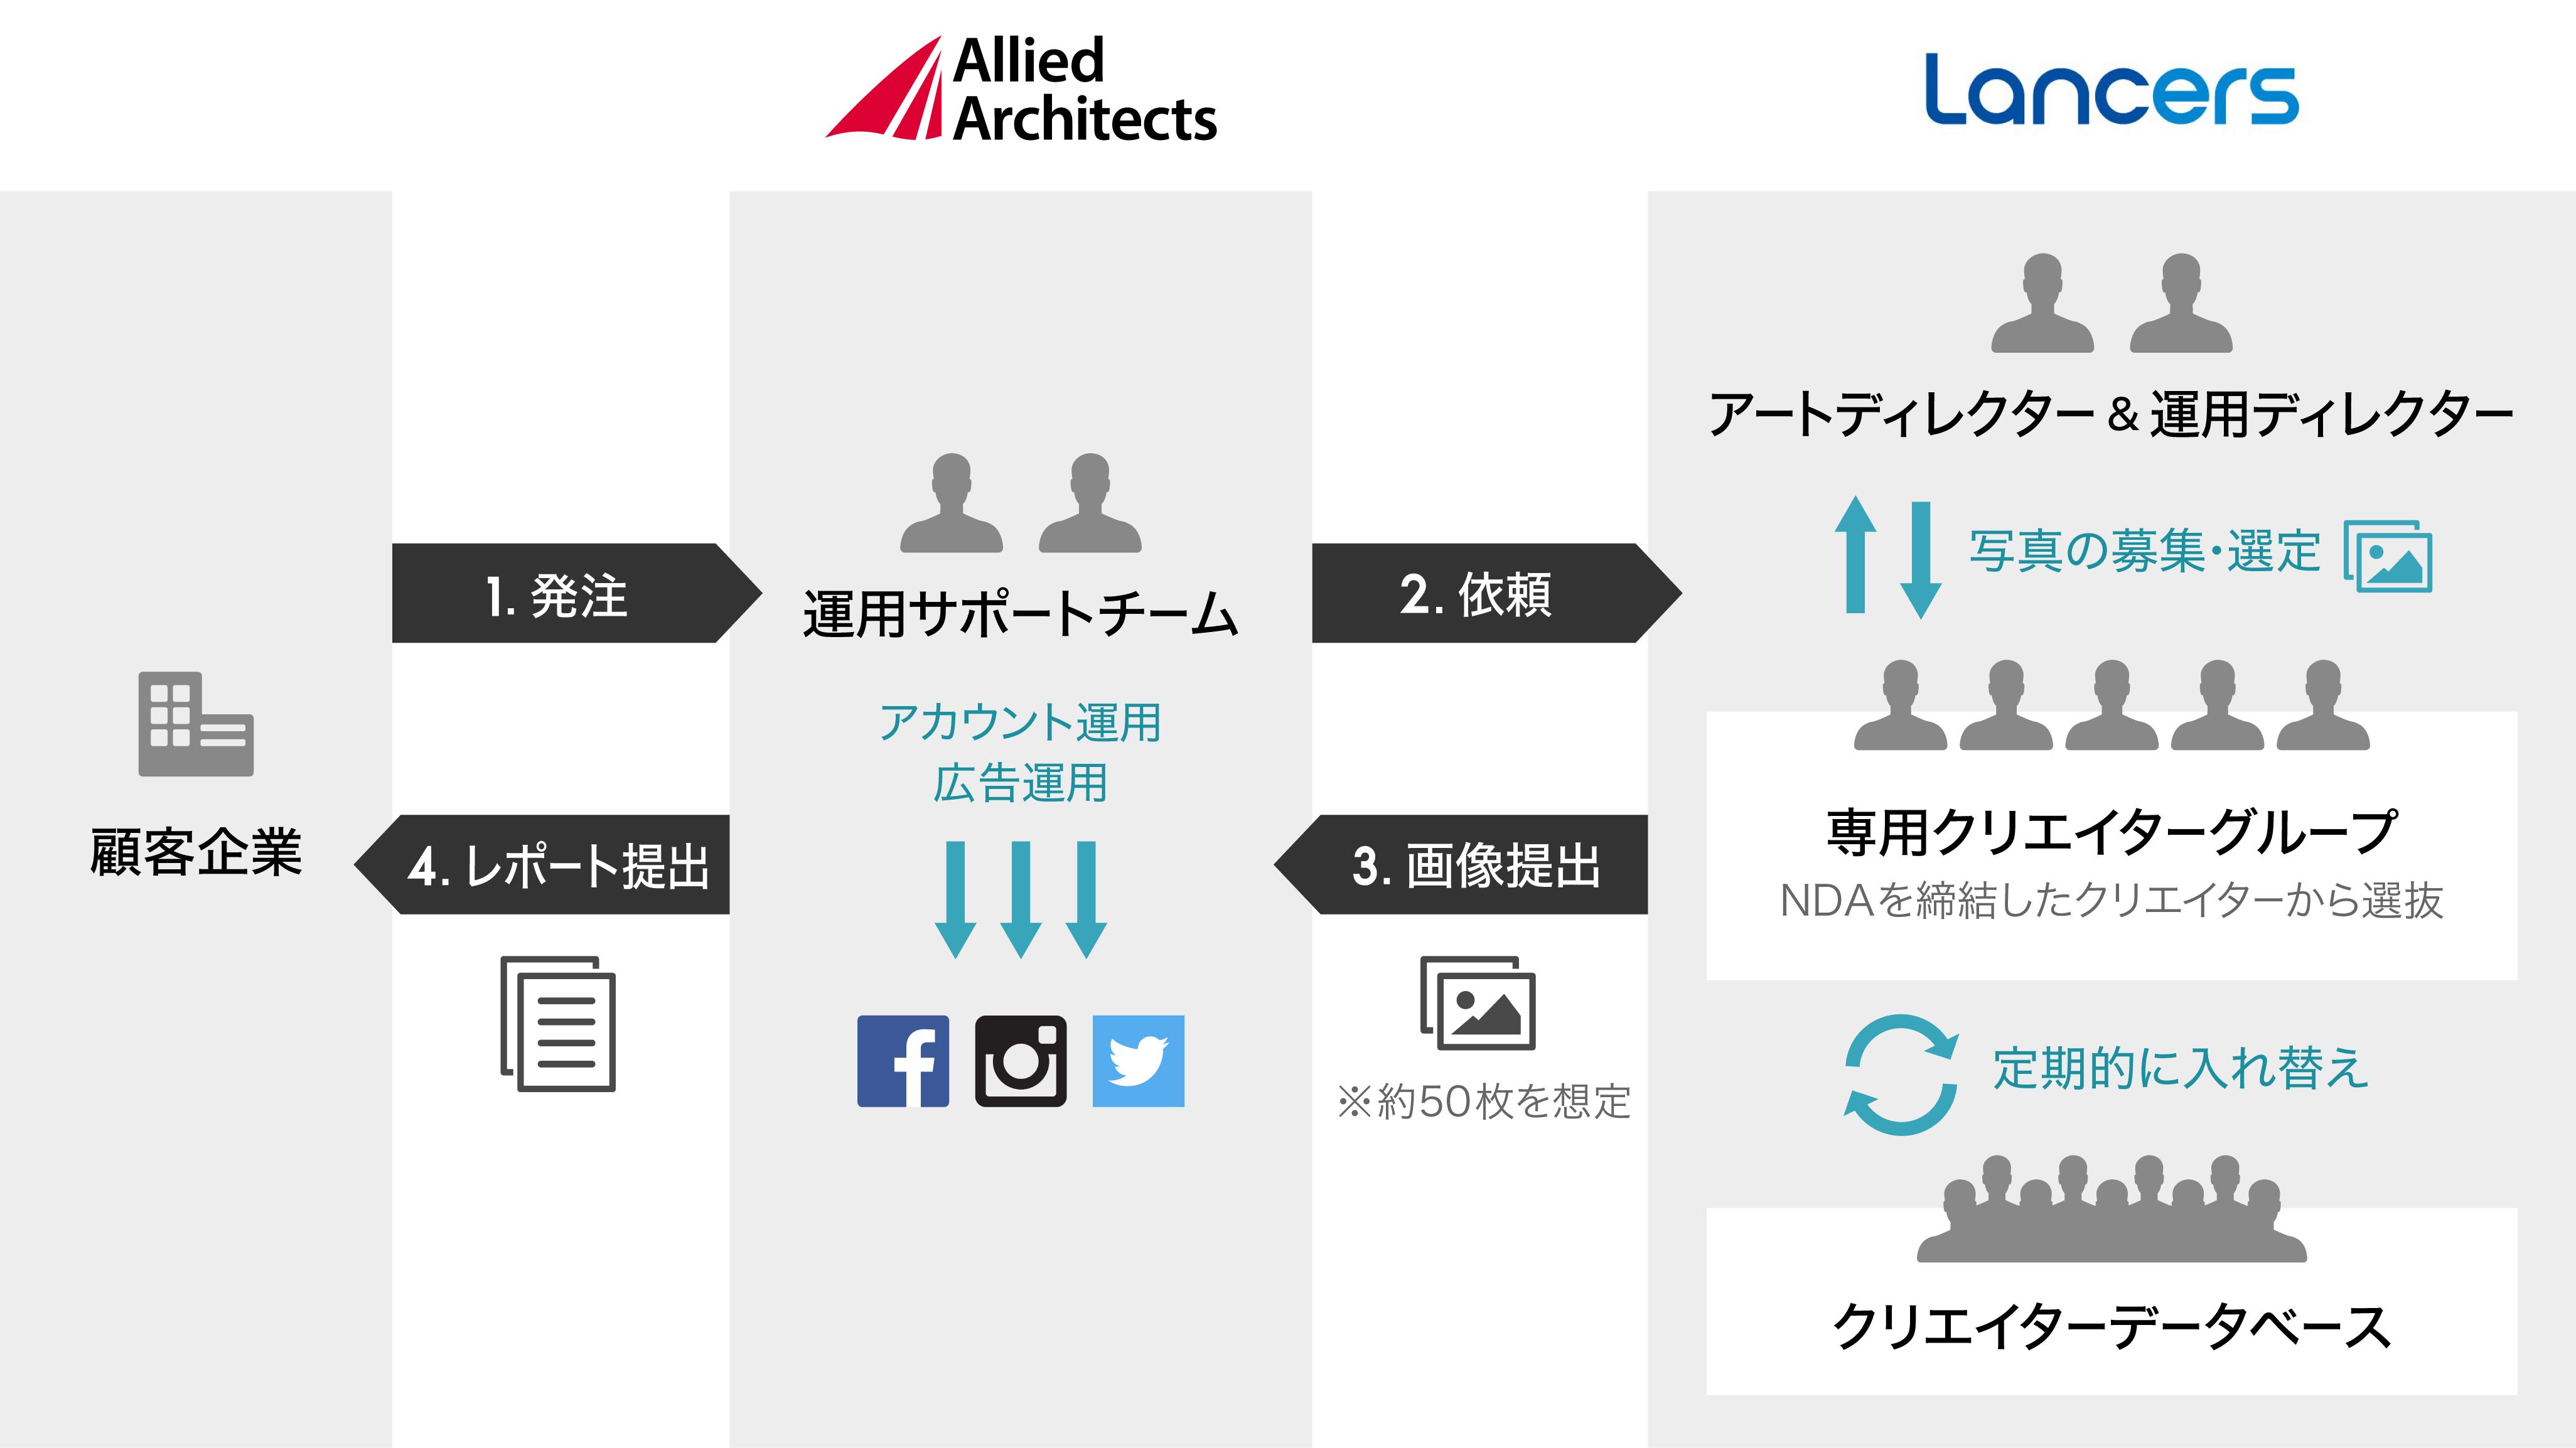 AA_Lancers.jpg